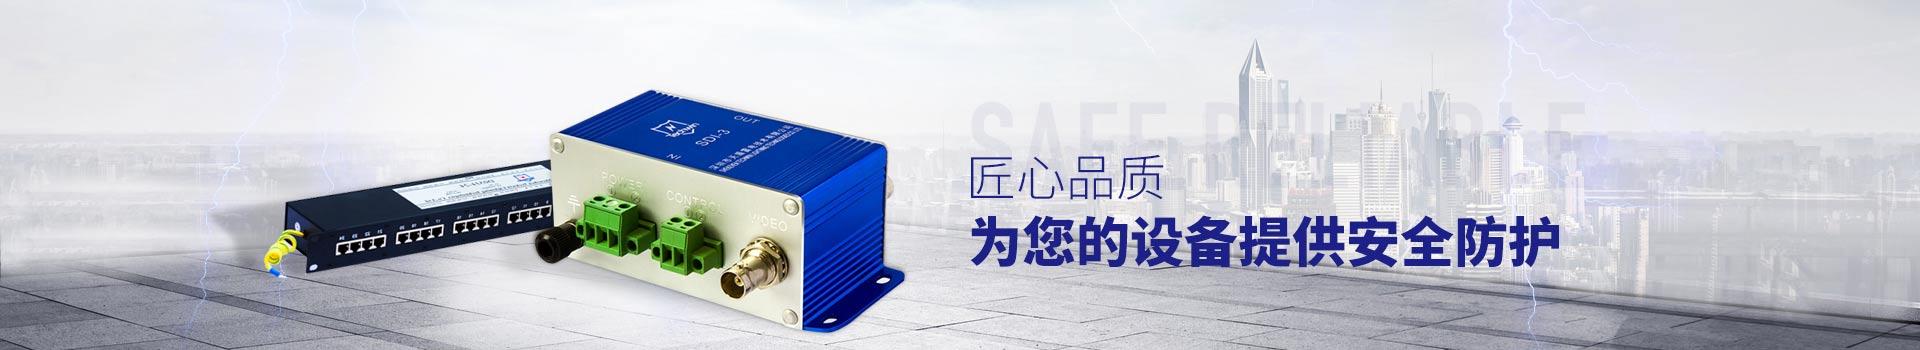 天盾信号防雷器-匠心品质,为您的设备提供安全防护